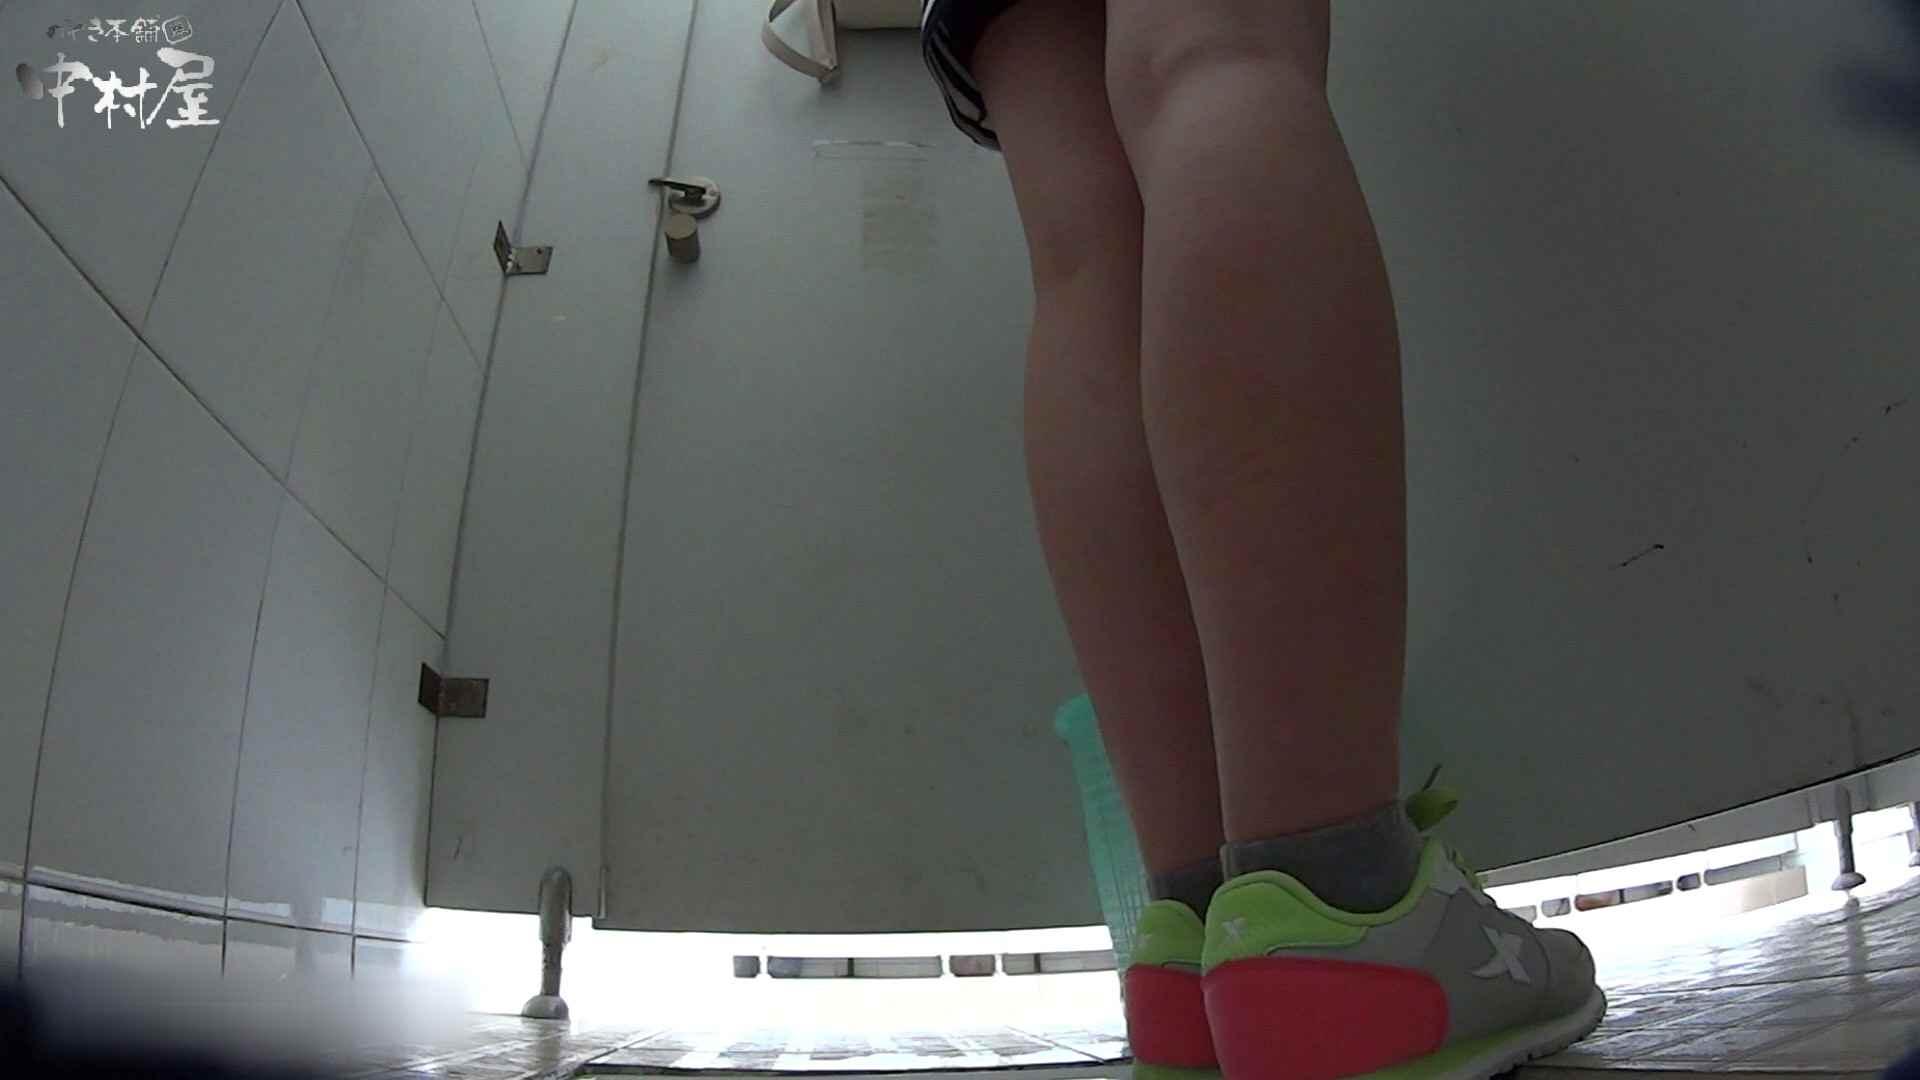 美しい女良たちのトイレ事情 有名大学休憩時間の洗面所事情06 高画質  101Pix 23